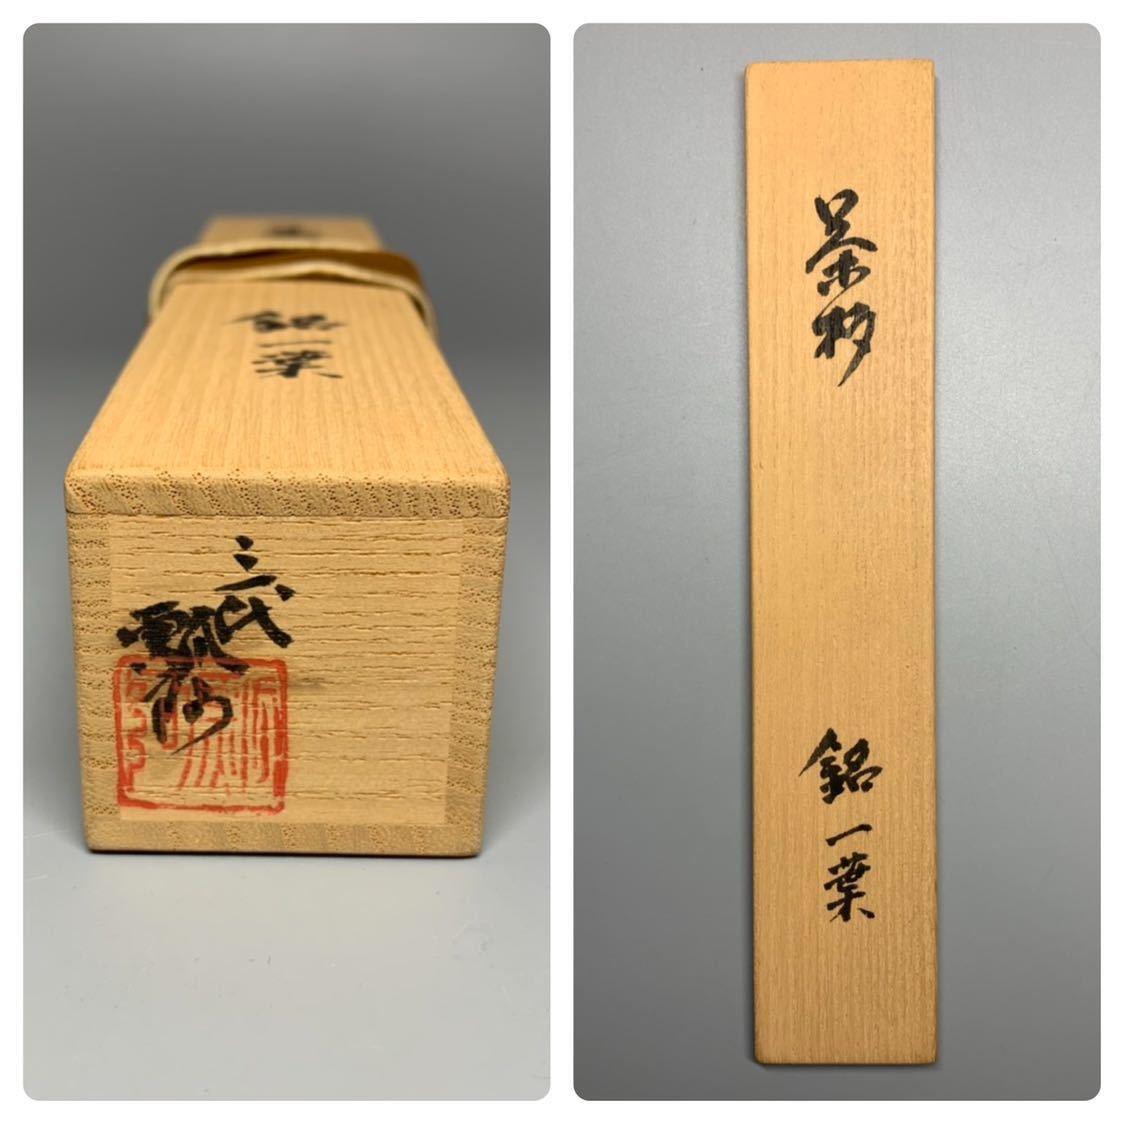 三代 池田瓢阿 銘『一葉』茶杓 茶道具 保証品_画像10